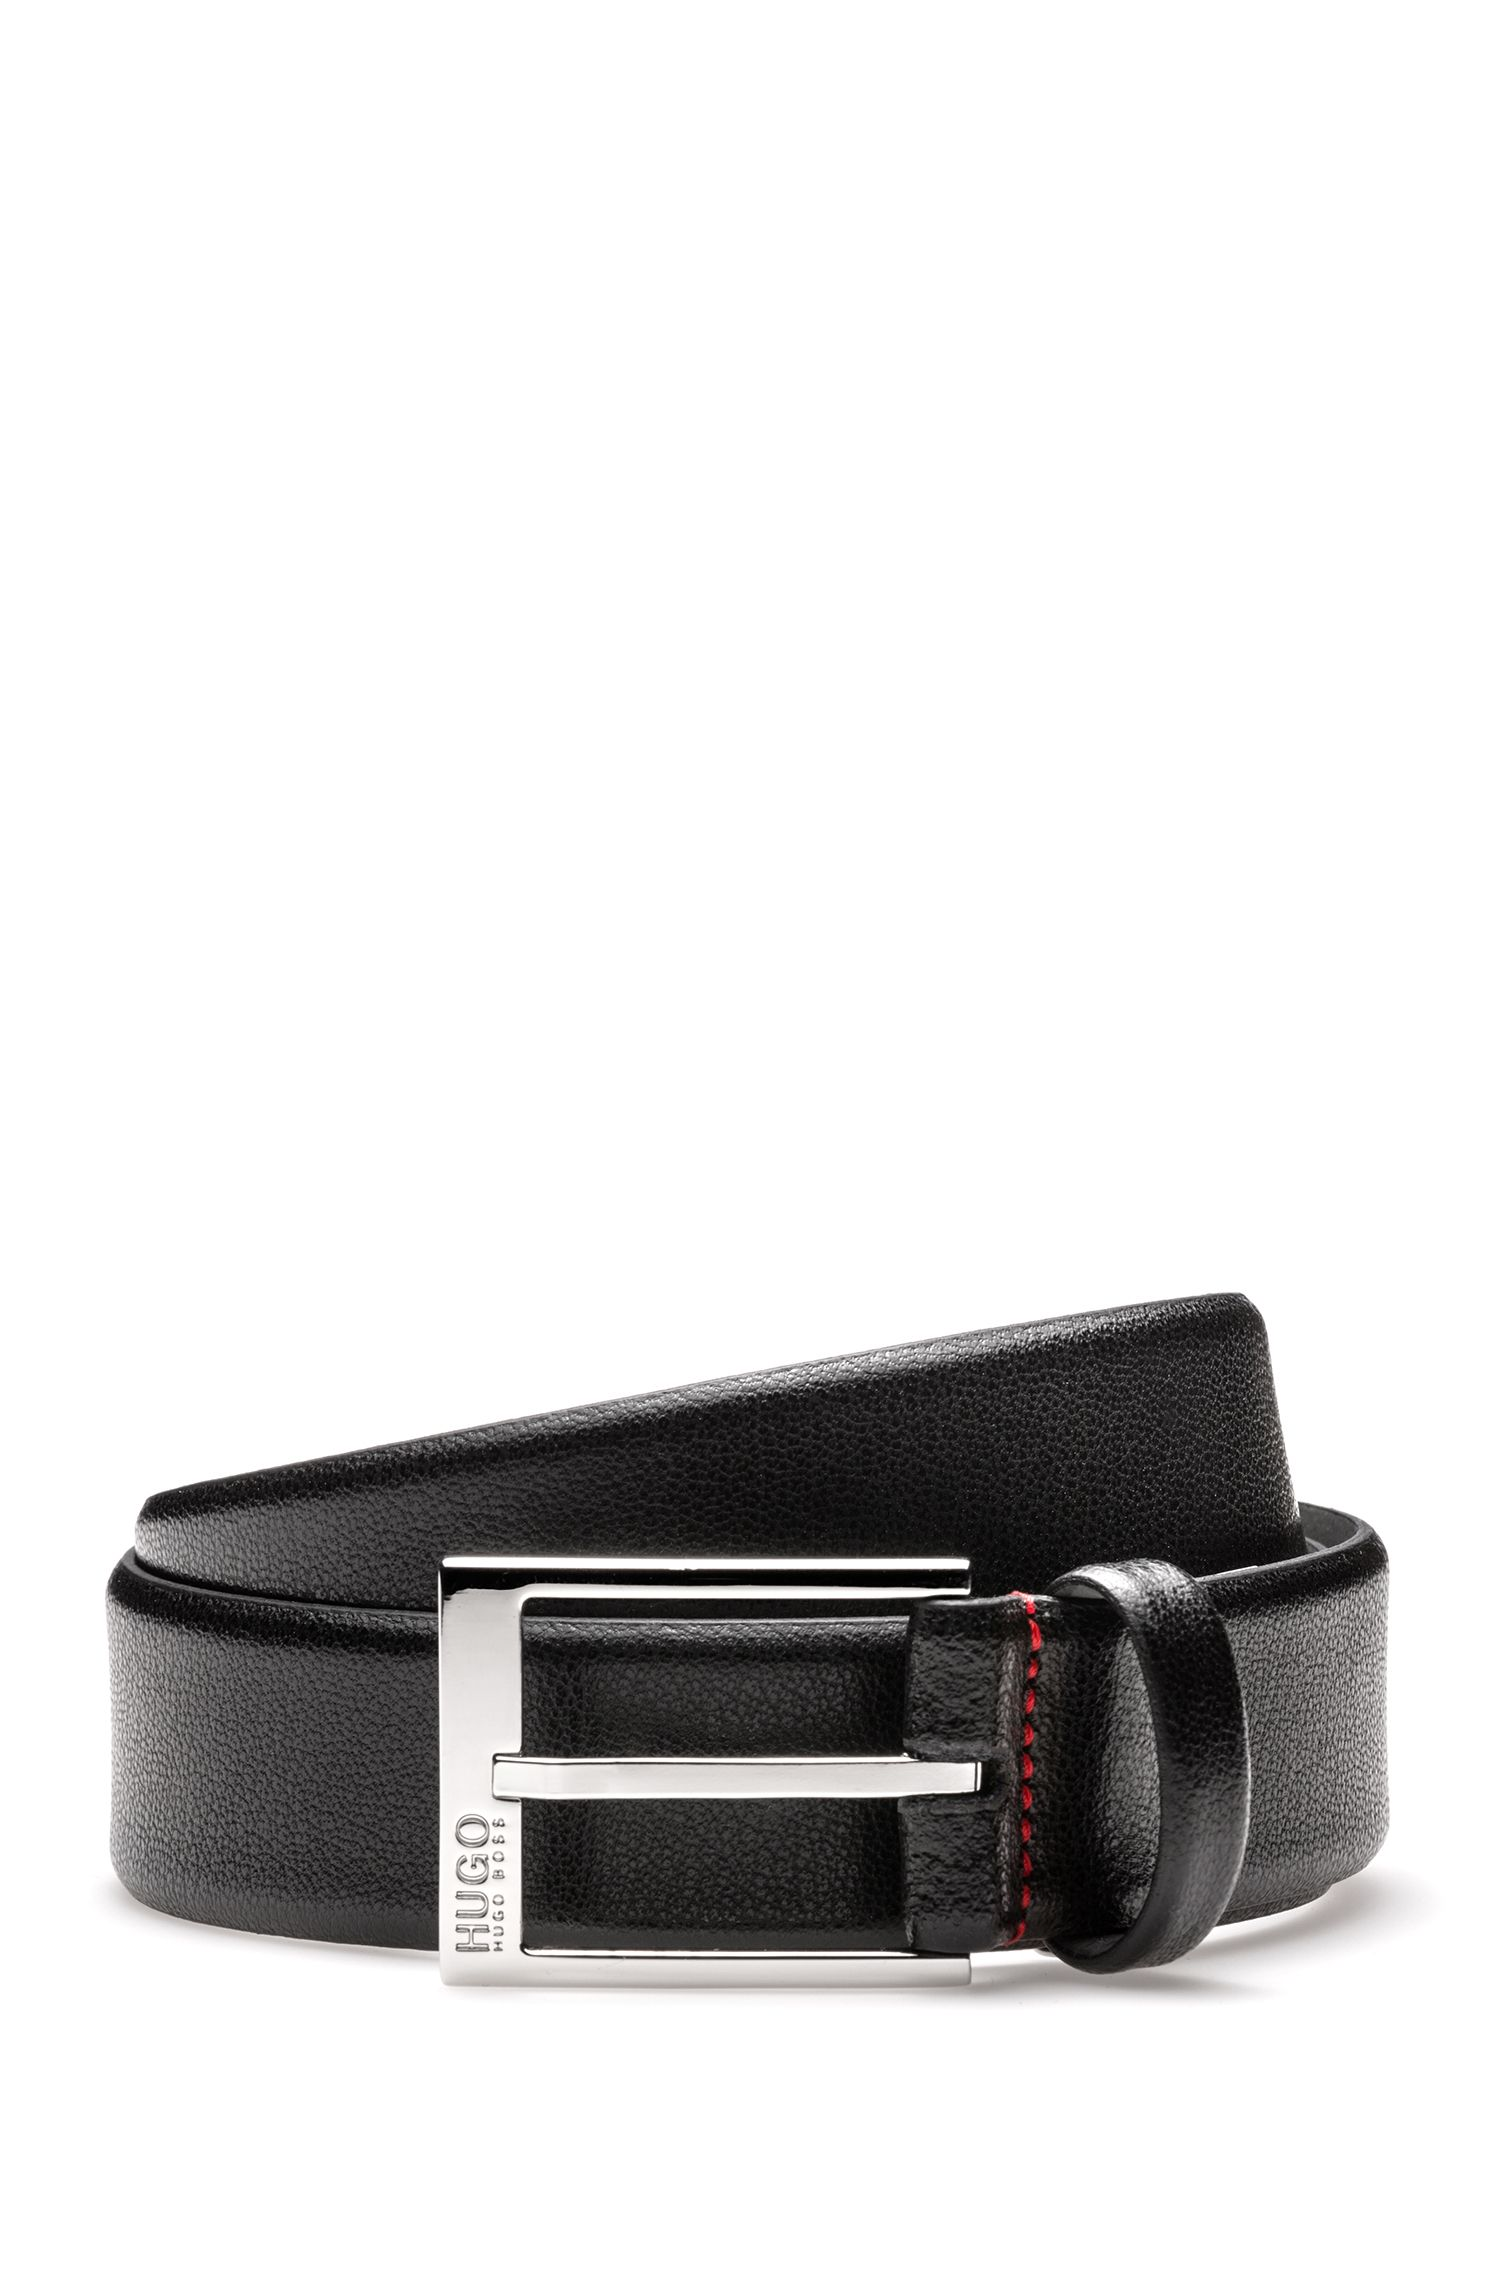 Cintura in pelle goffrata con dettagli in metallo lucido effetto argento